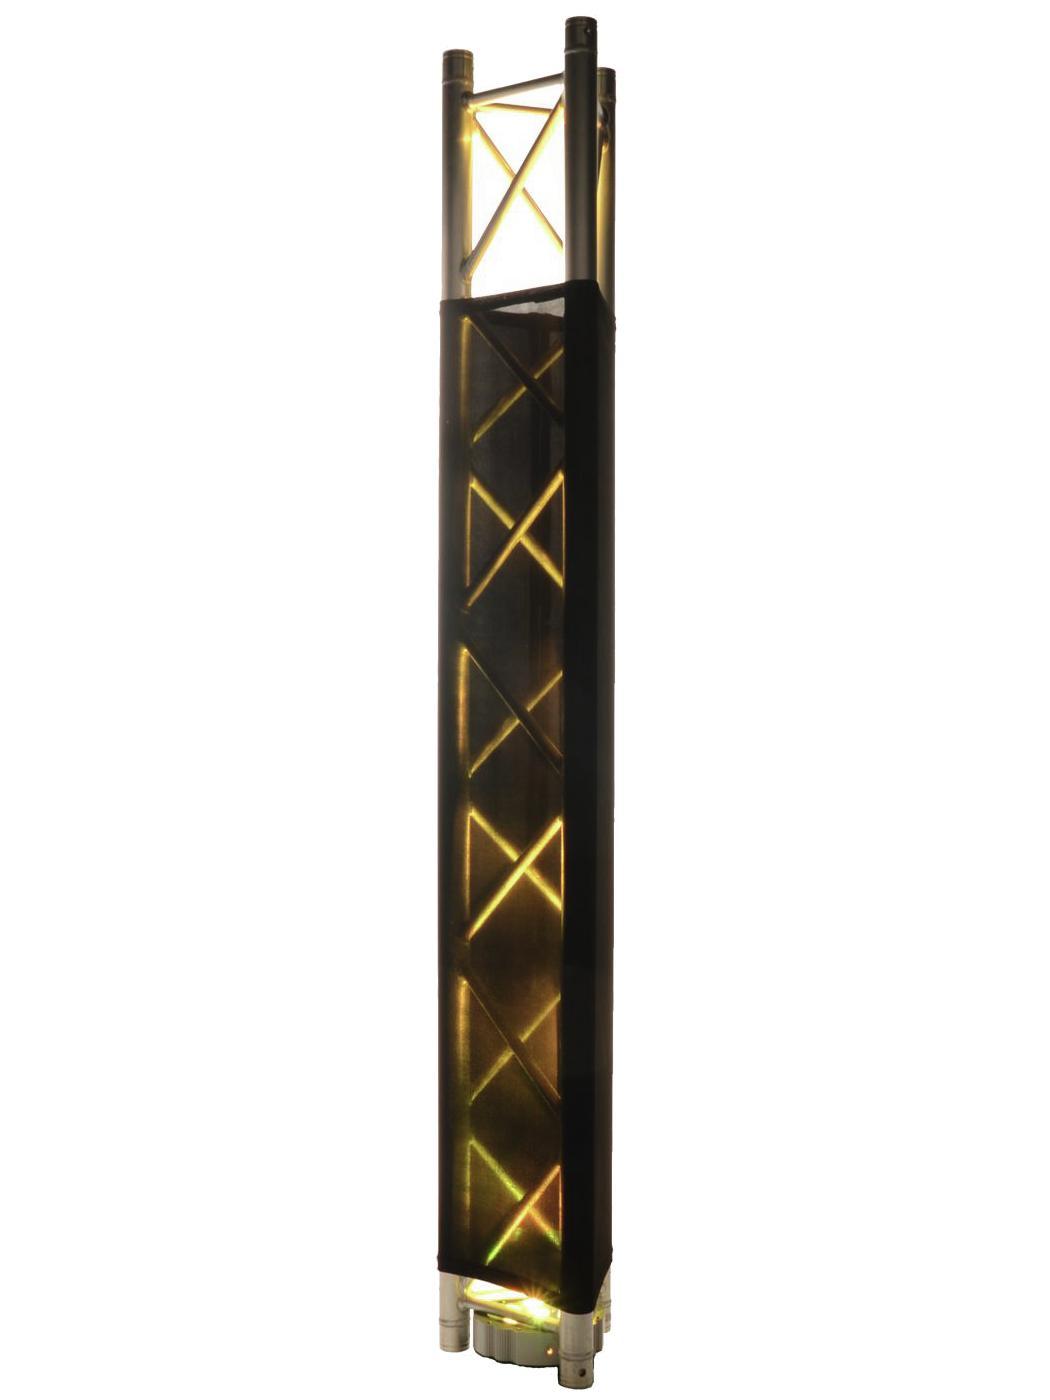 ESPANDERE XPTC1S Capriata di copertura 100cm nero